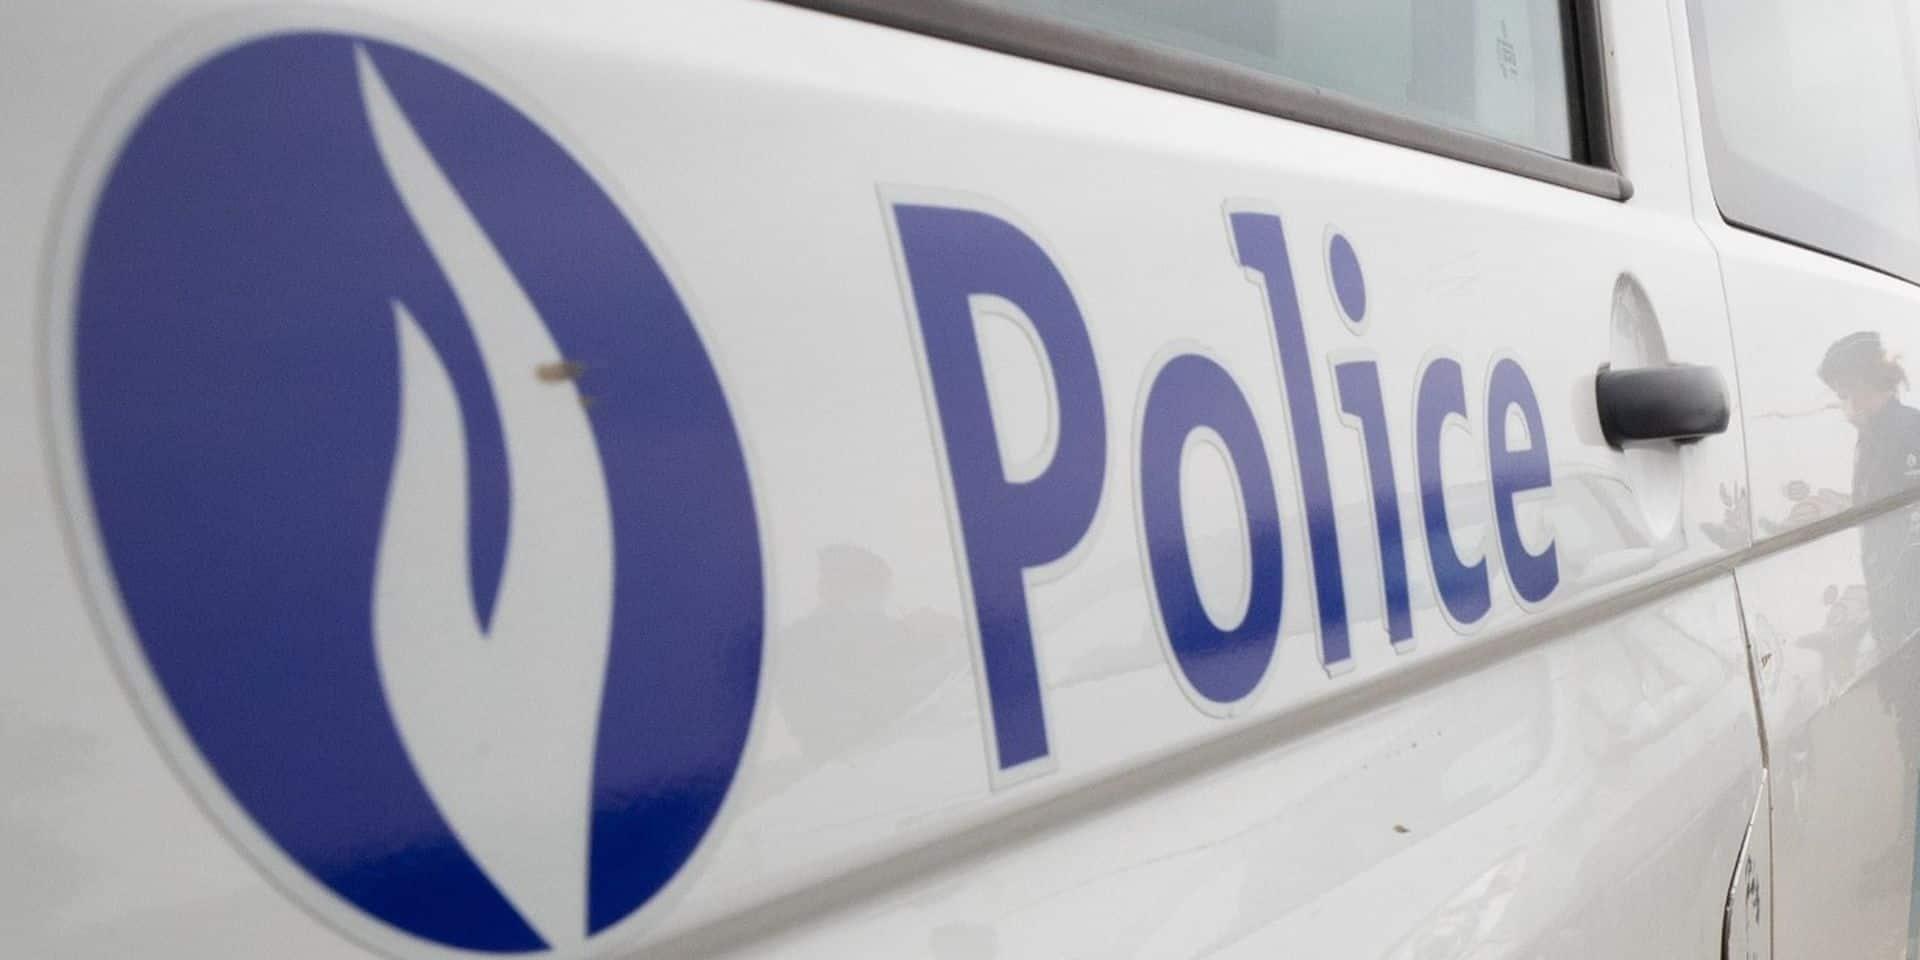 Bagarre jeudi soir dans des locaux commerciaux vacants à Zaventem: un mort, quatre blessés dont un grave